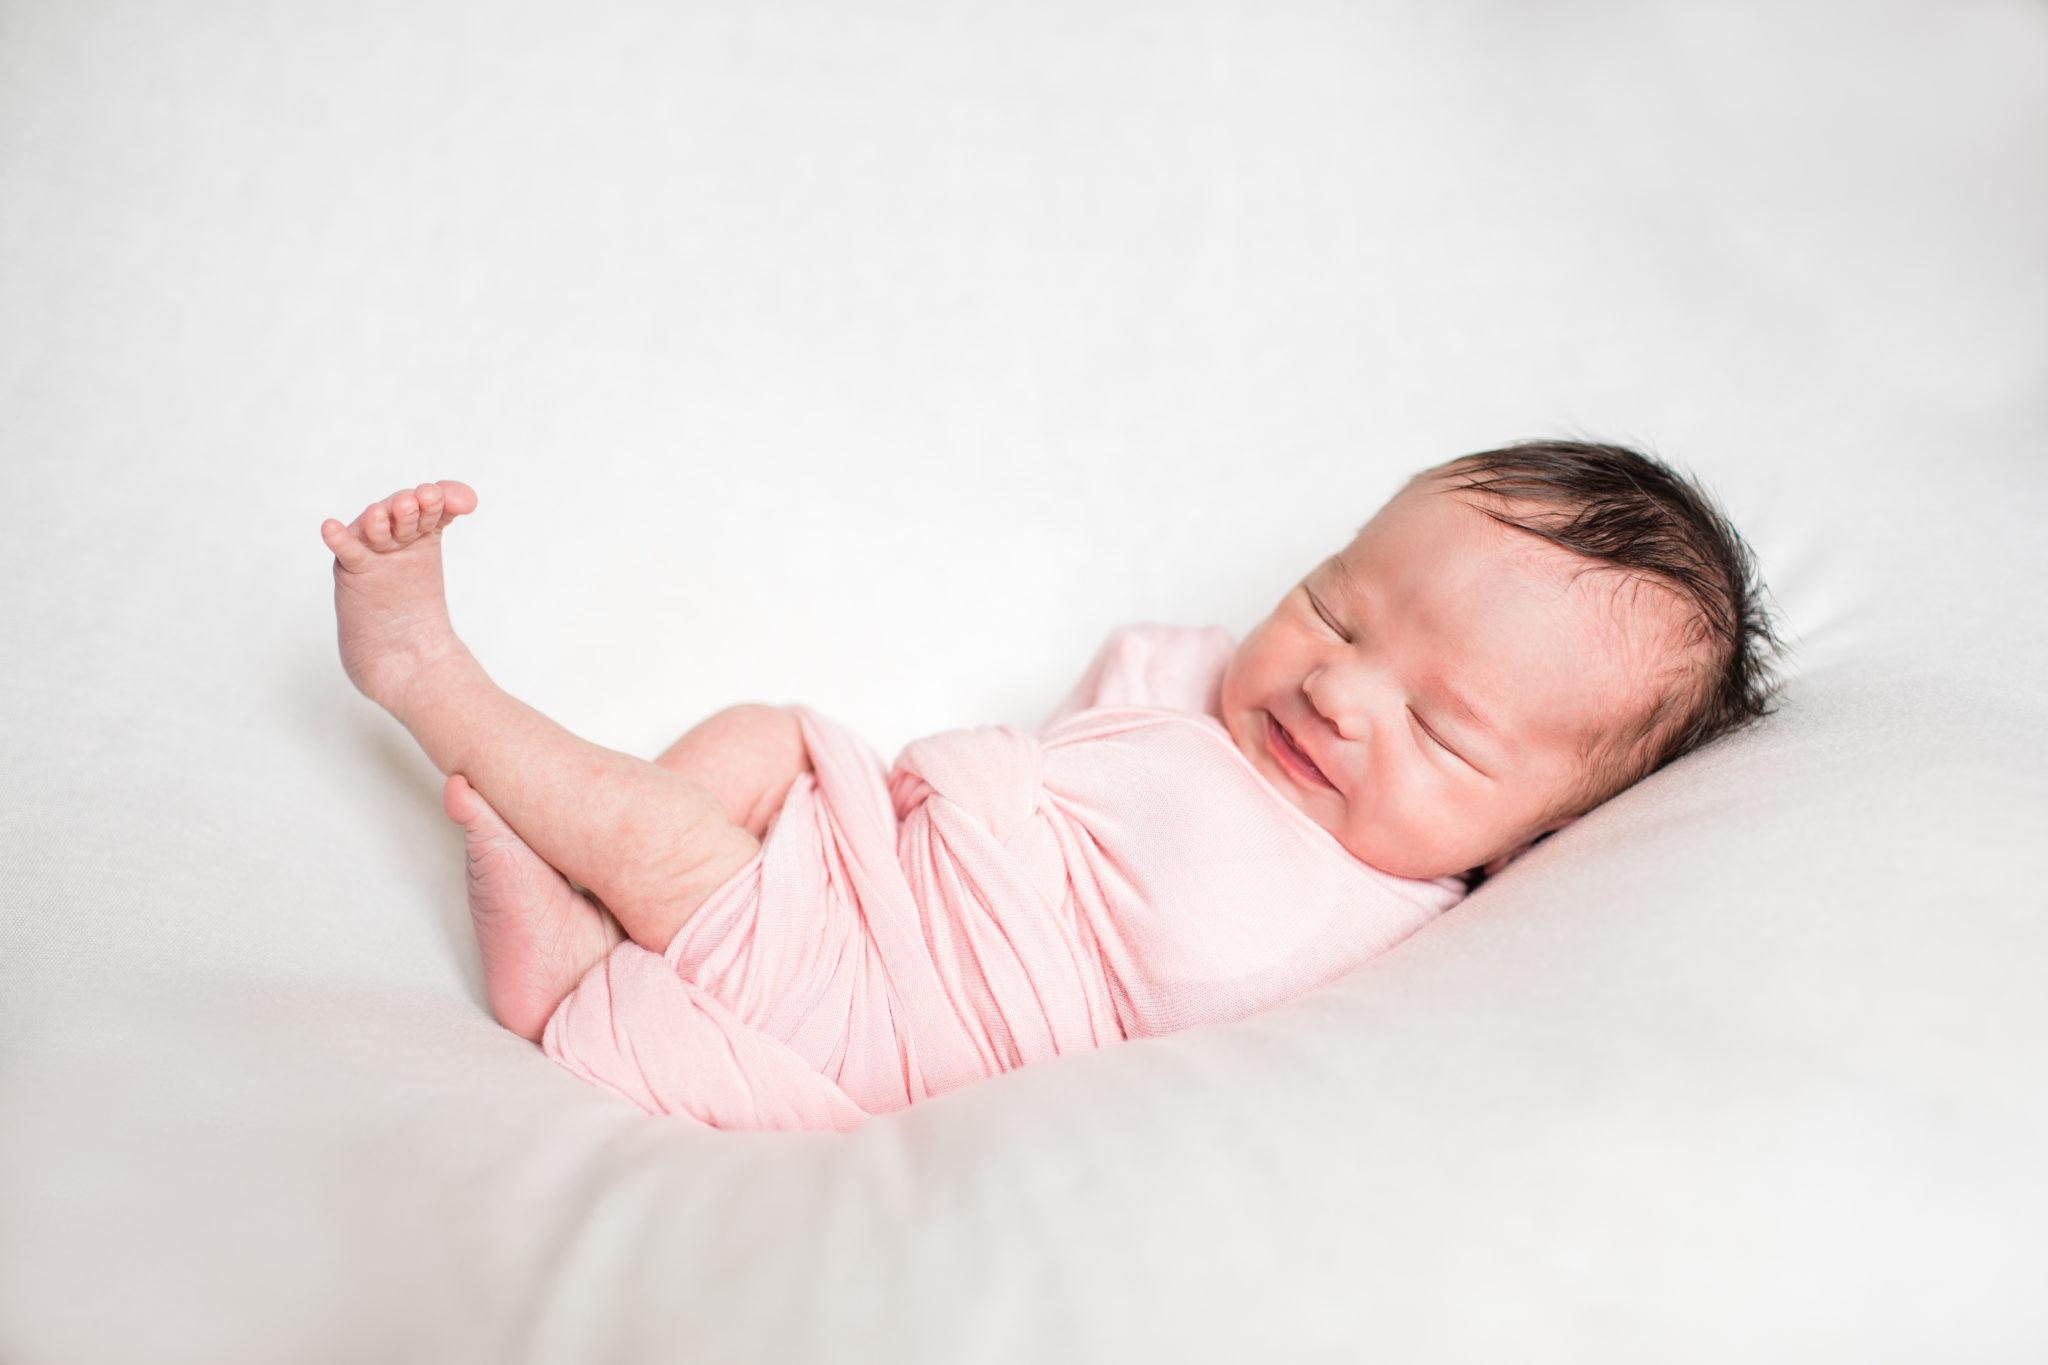 Keystone Colorado Newborn Photography Breckenridge Colorado